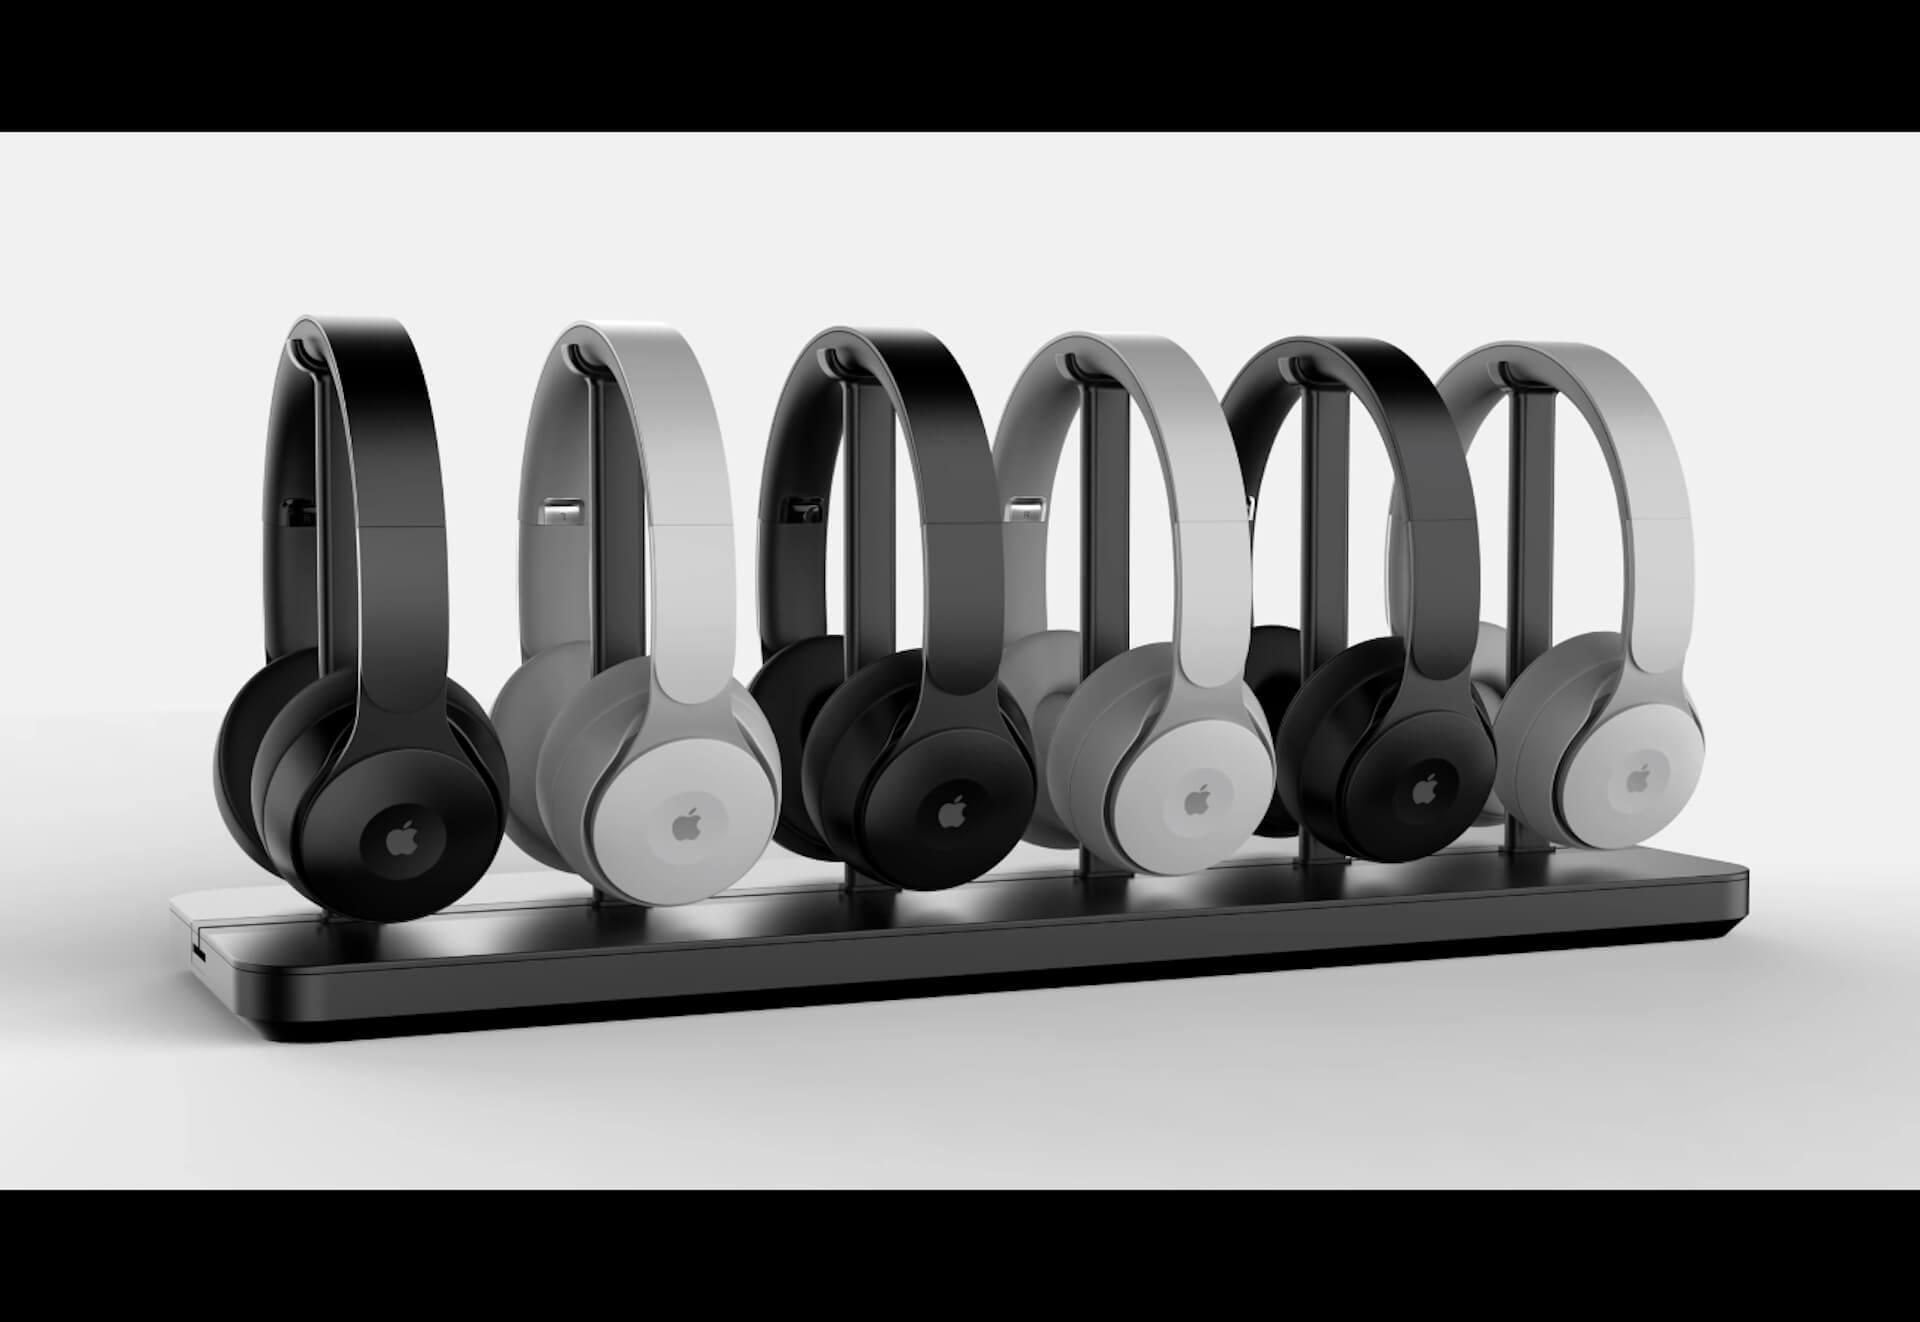 Apple初のオーバーイヤーヘッドホンがWWDCで発表?新イヤホン・AirPods Xも登場の可能性 tech200408_apple_headphone_main